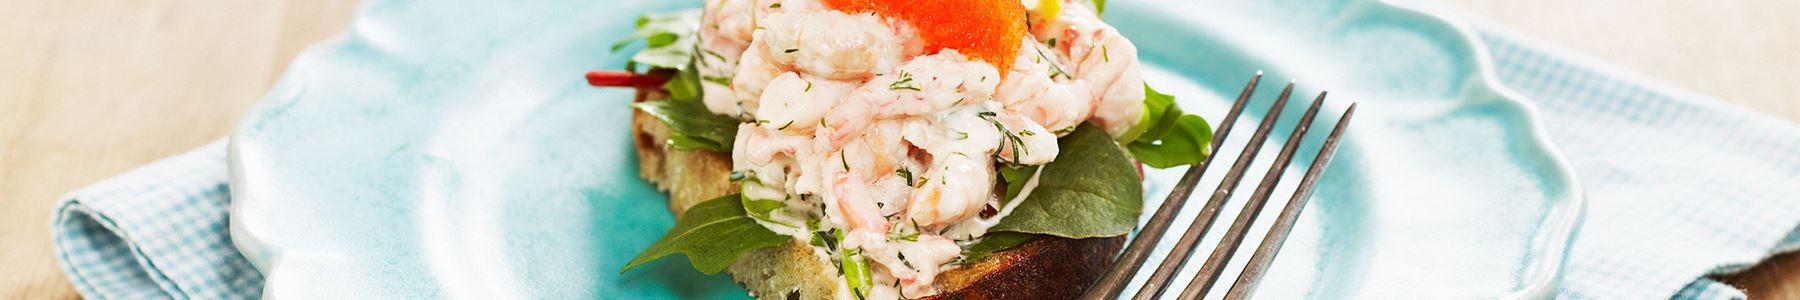 Snabba recept med skaldjur